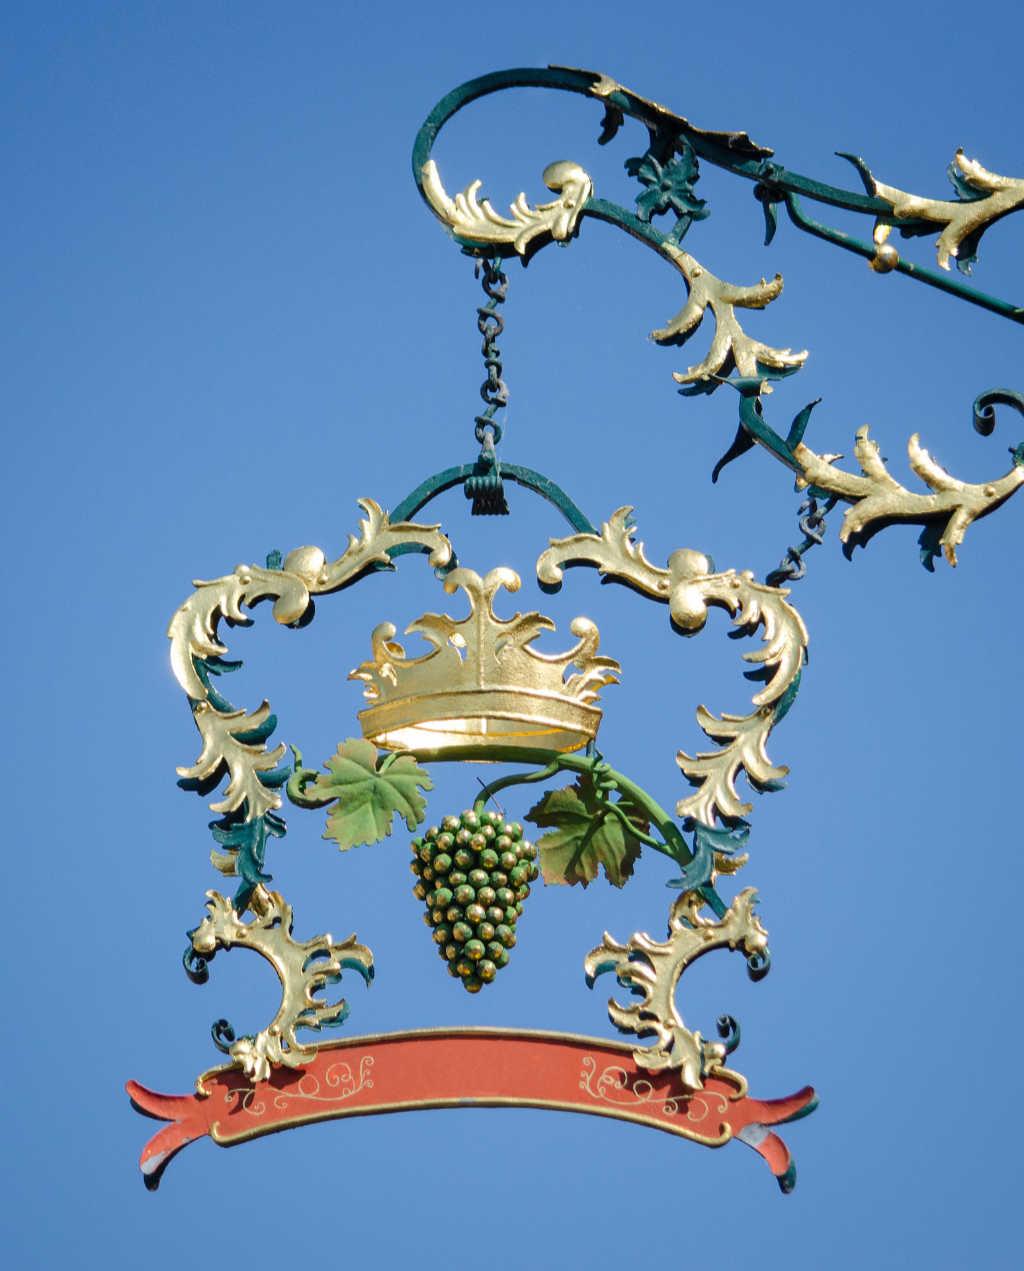 Una insegna di una cantina con corona e grappolo d'uva in oro davanti un cielo blu. Foto Pixabay per articolo Focus Italia 2020 di Wein-Plus